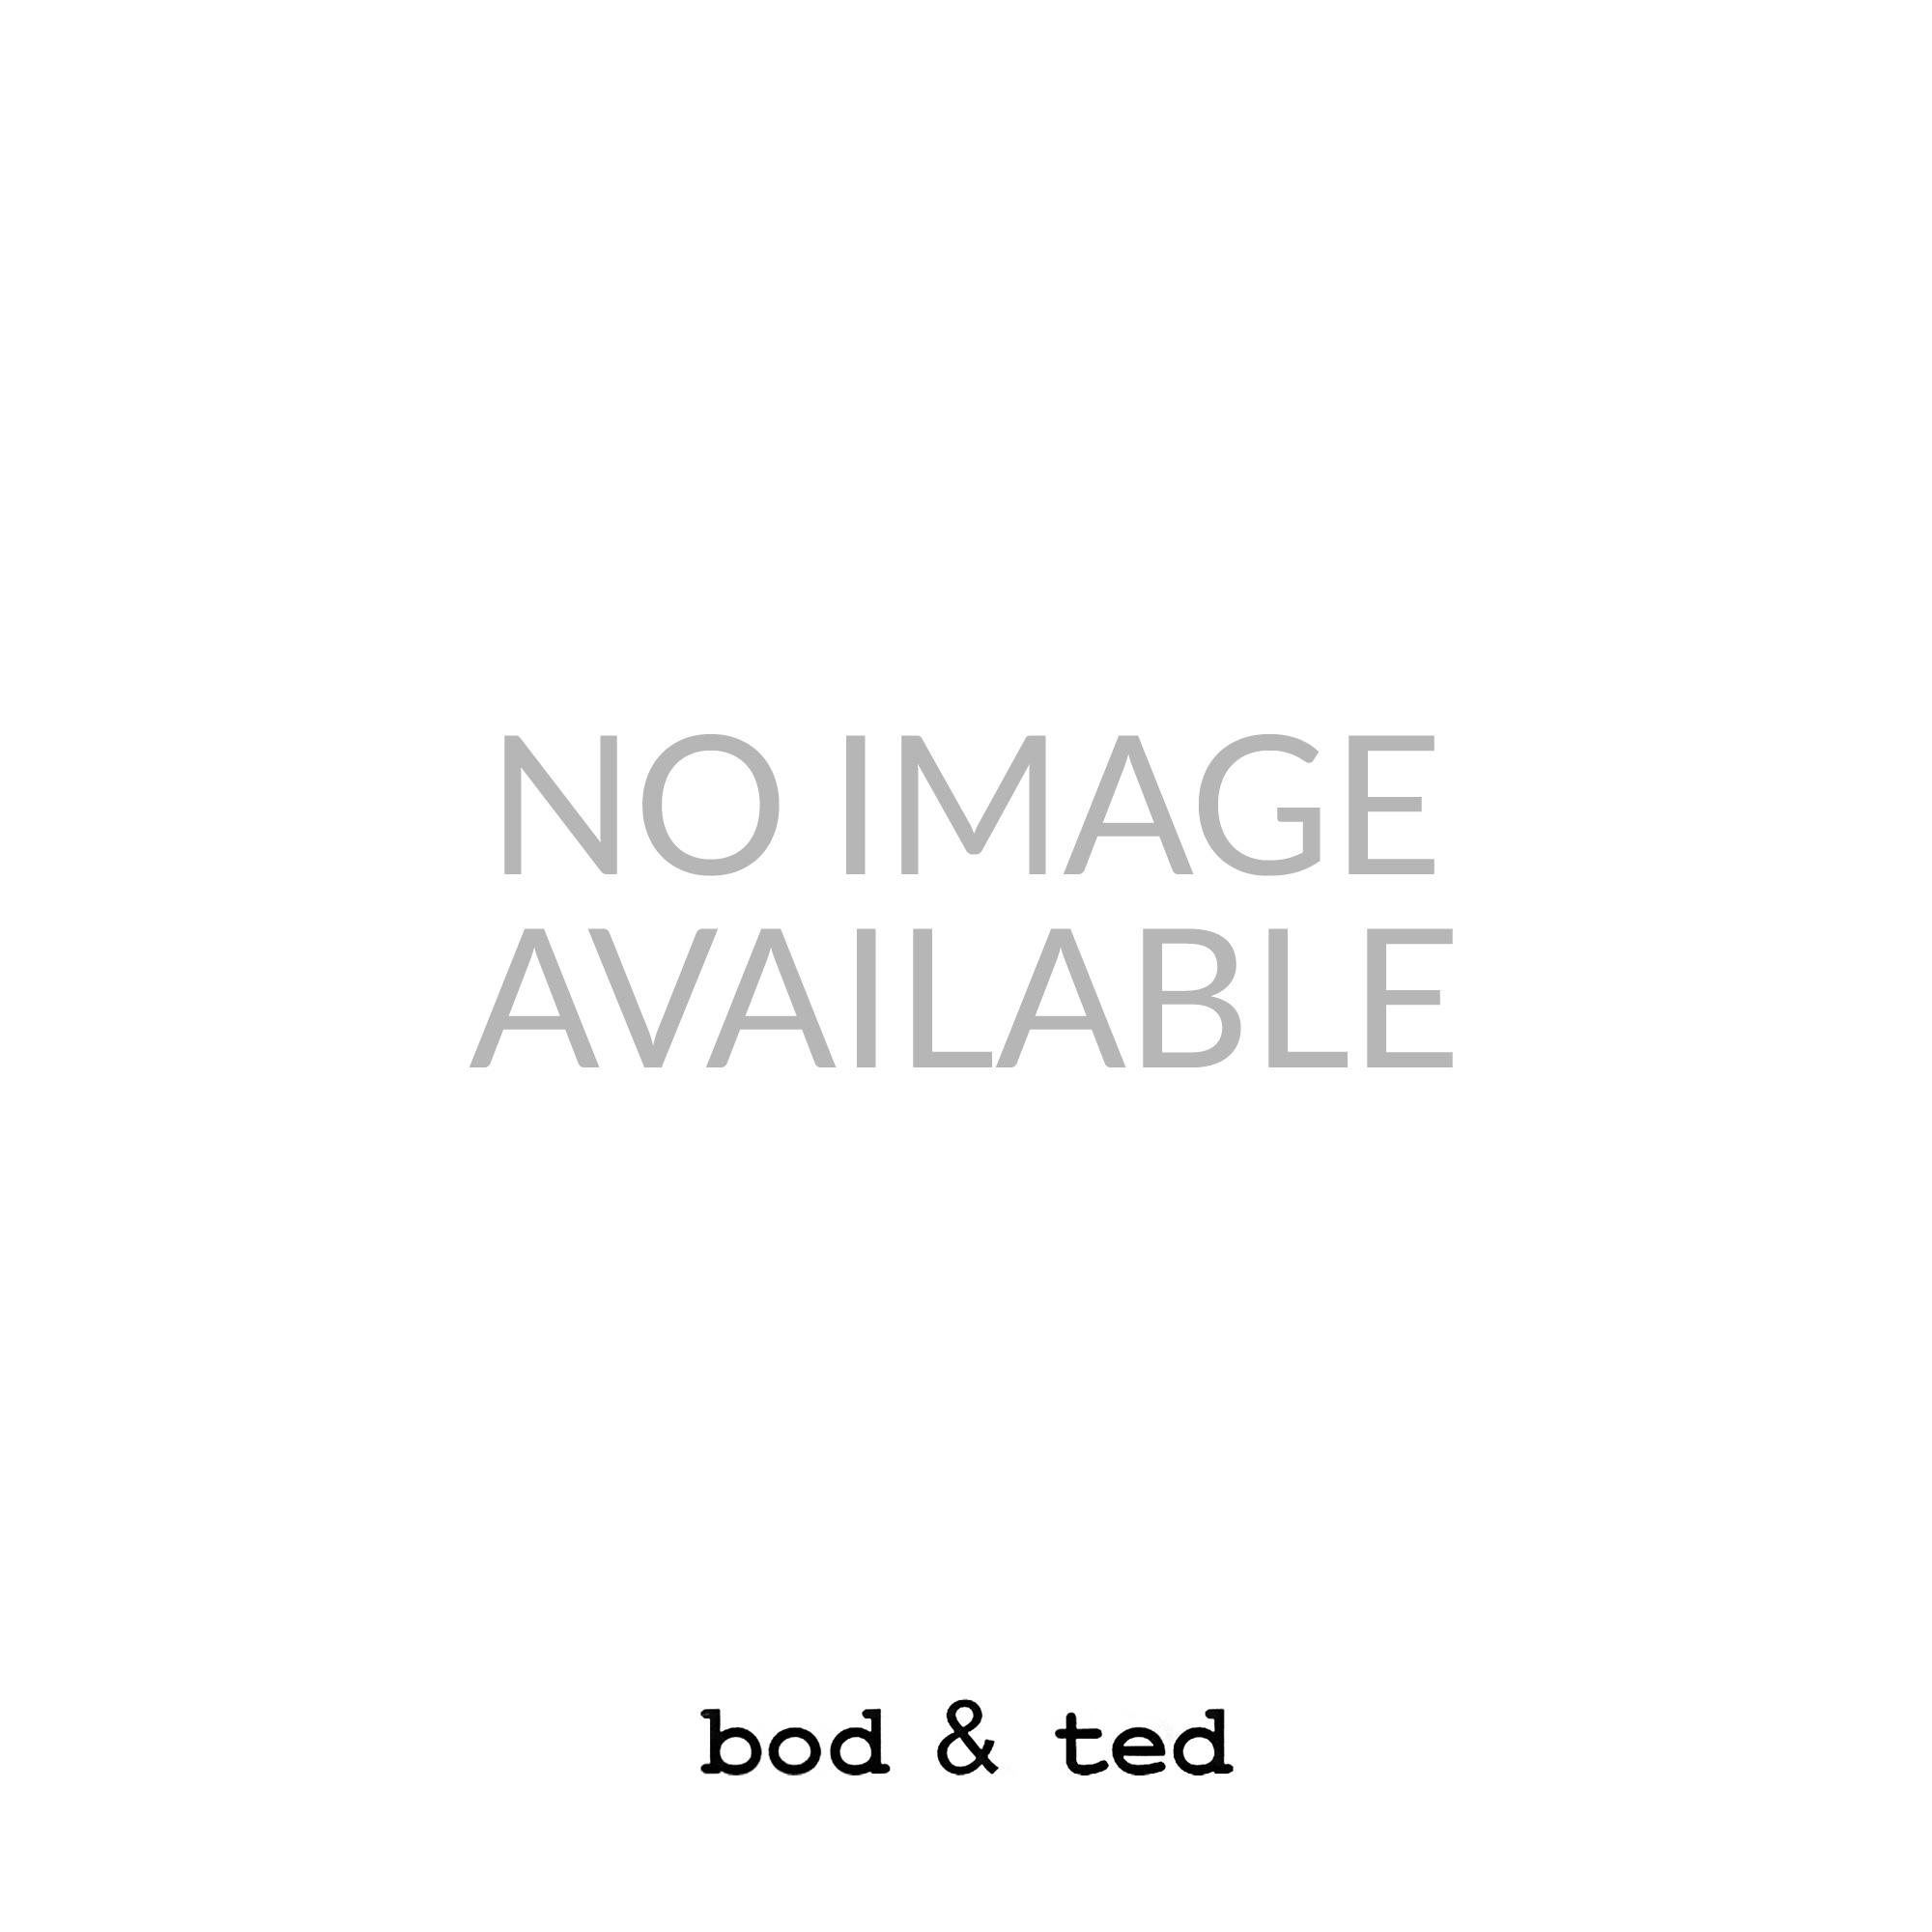 a8f6f2280ca Ash Footwear | Ash | bod & ted